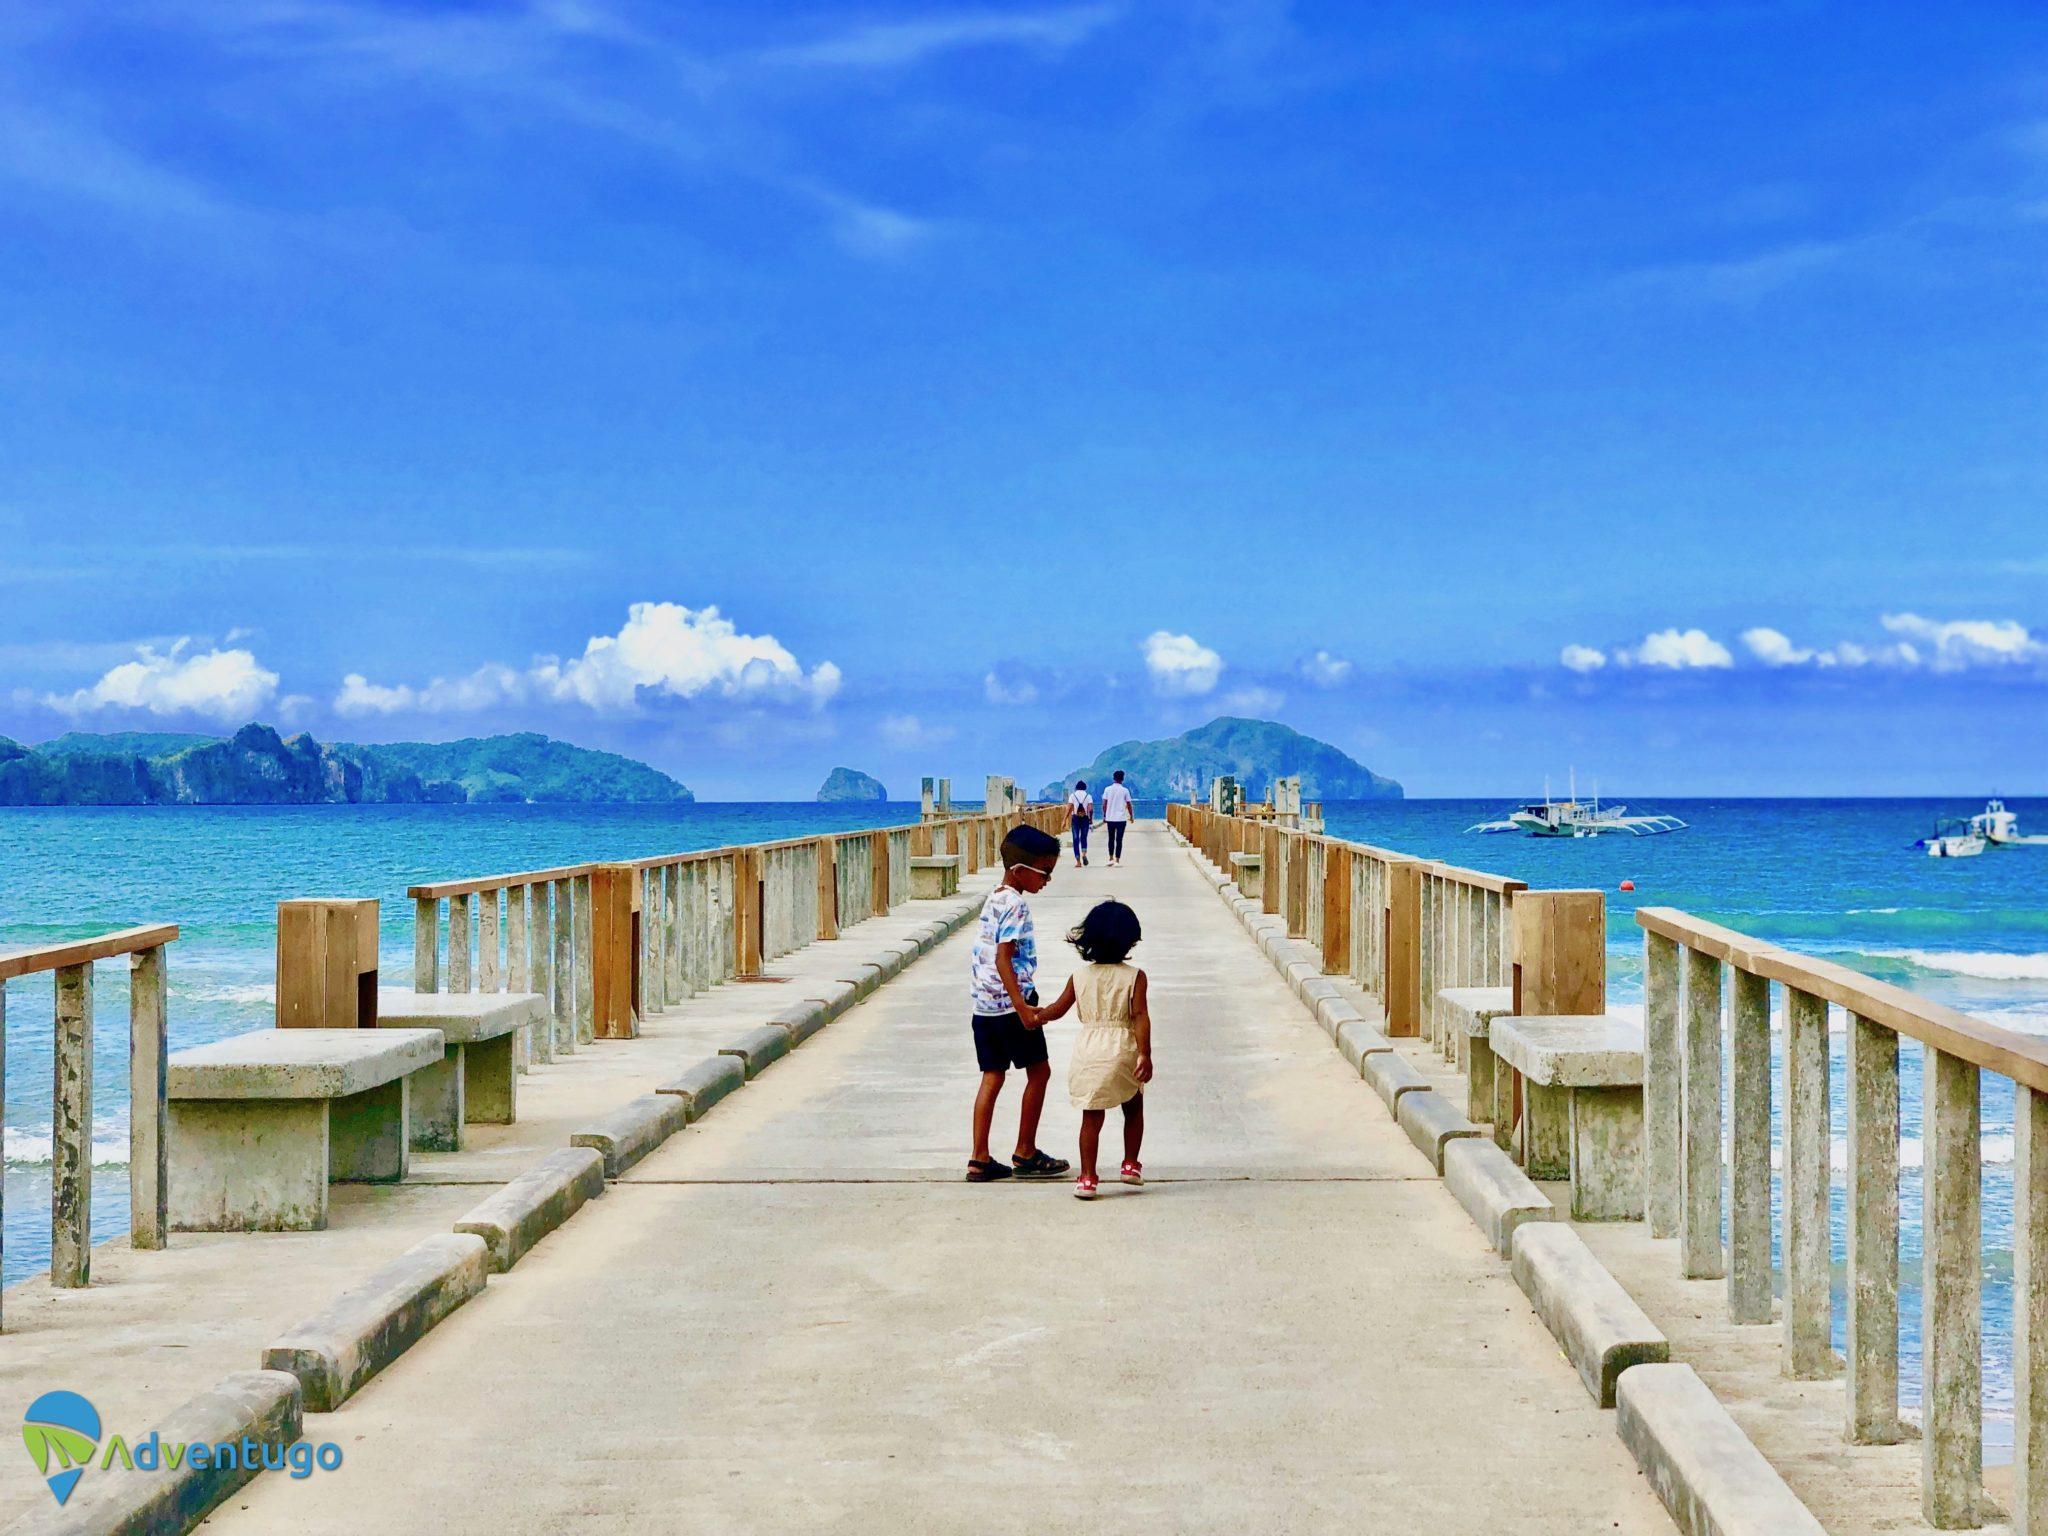 The Pier at Lio Beach, El Nido